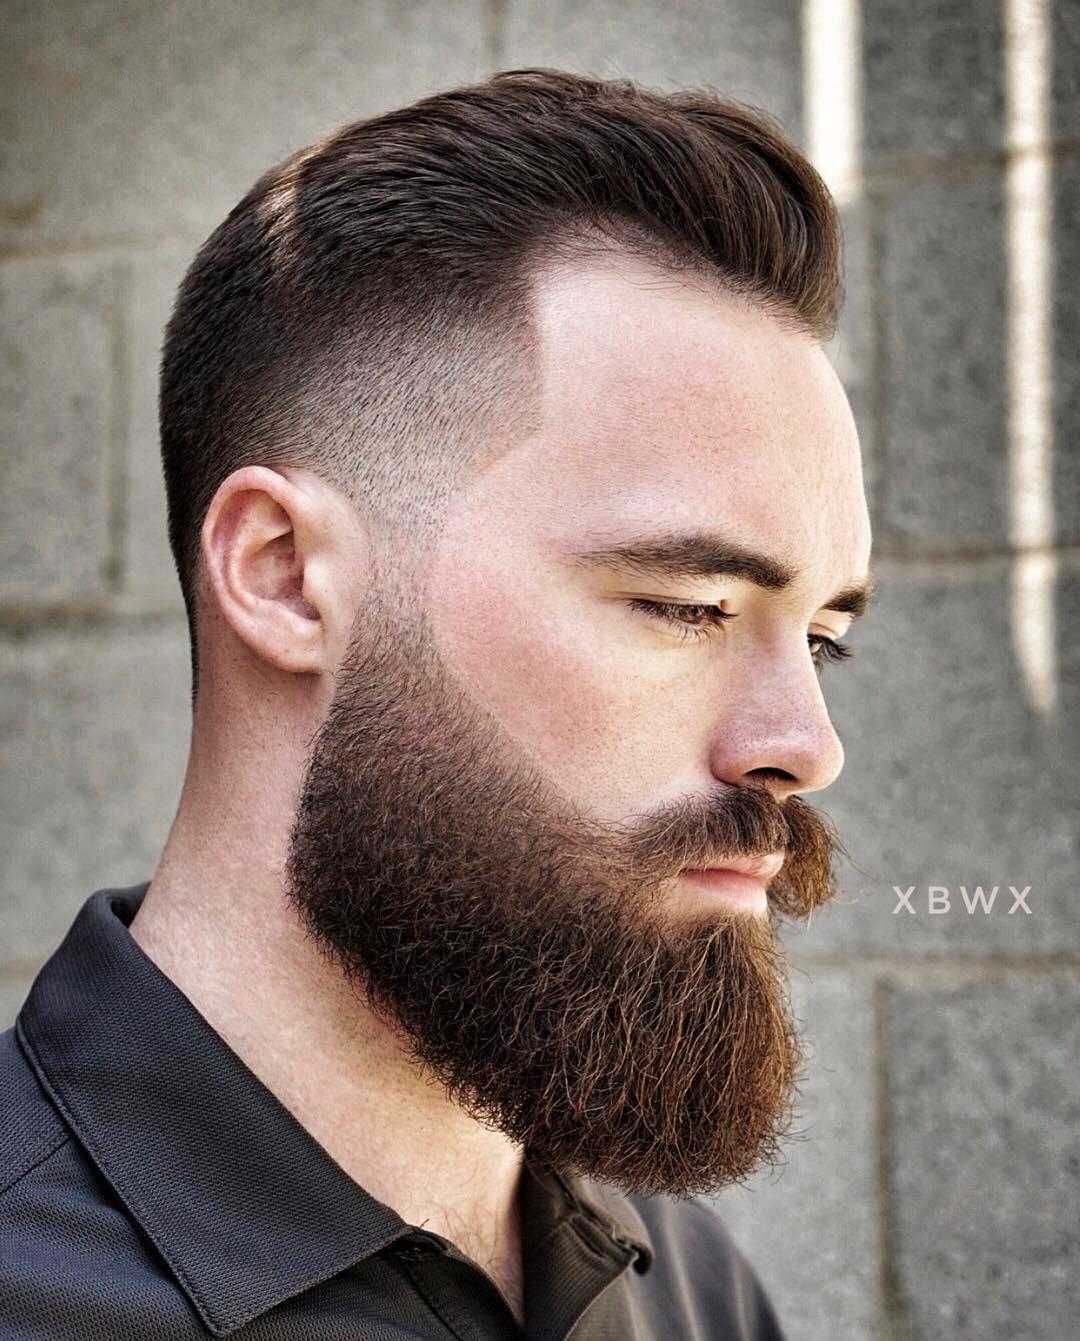 показать фото стрижки разных бородок мужских теперь понимаю